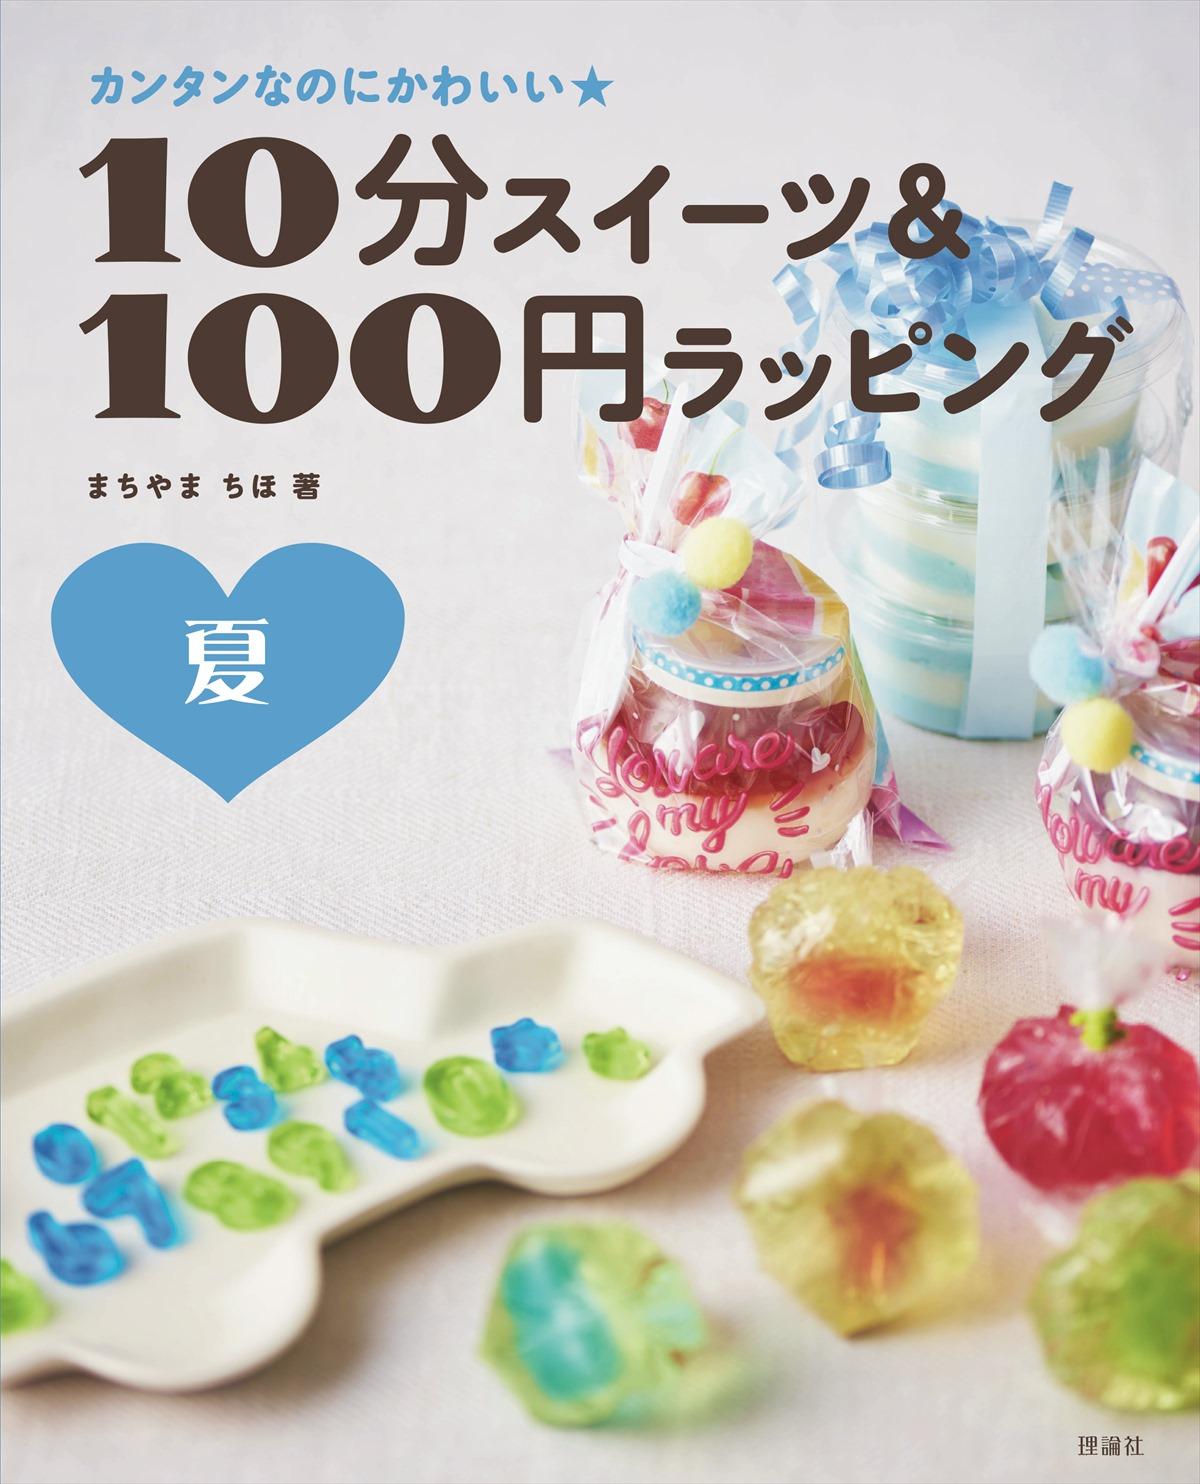 10分スイーツ&100円ラッピング 夏